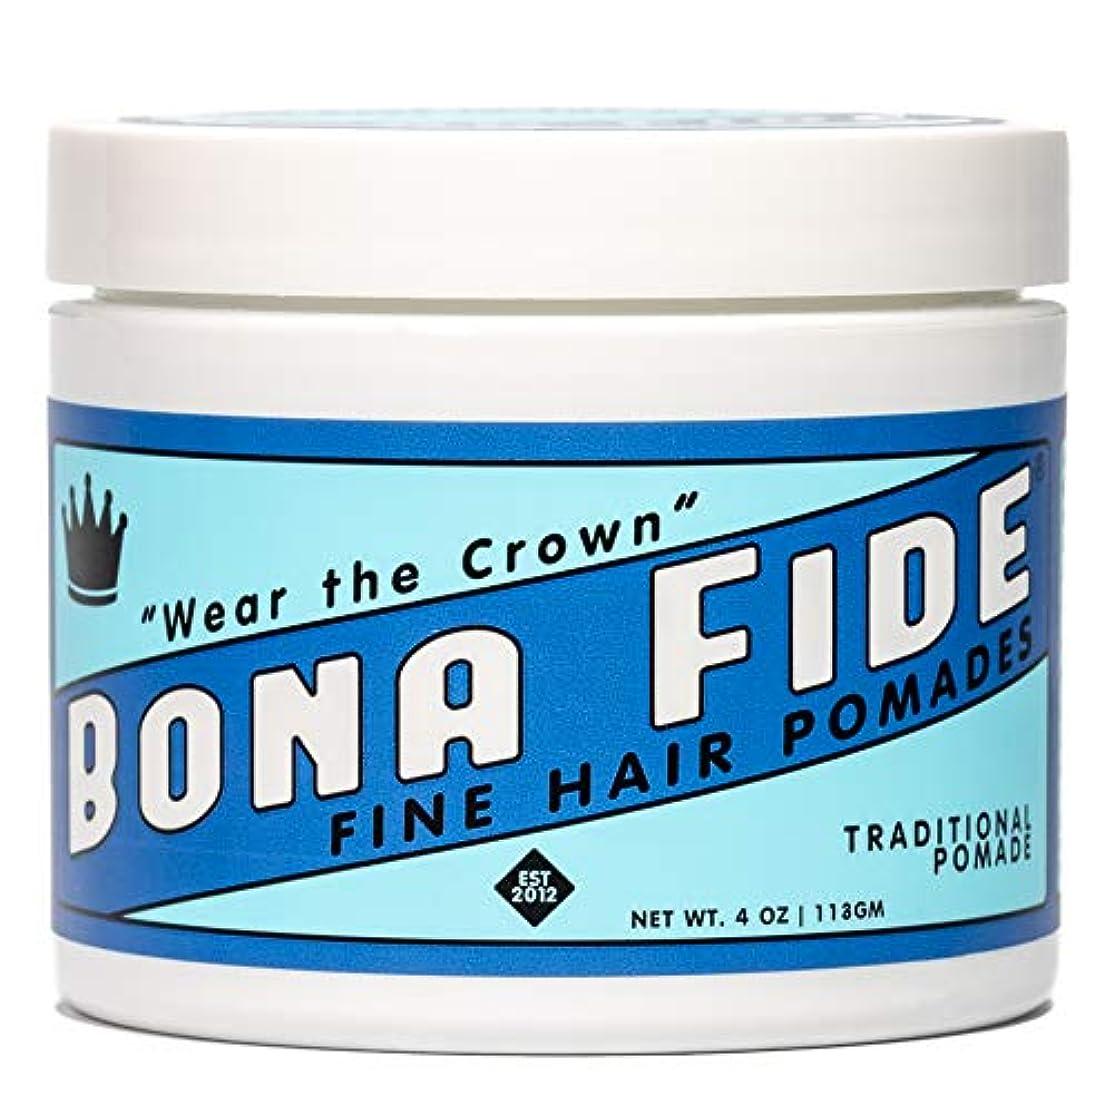 気分慣性柔らかい足Bona Fide Pomade, トラディショナルポマード, TRADITIONAL POMADE, 4oz (113g)、オイルベースポマード (整髪料/ヘアー スタイリング剤)